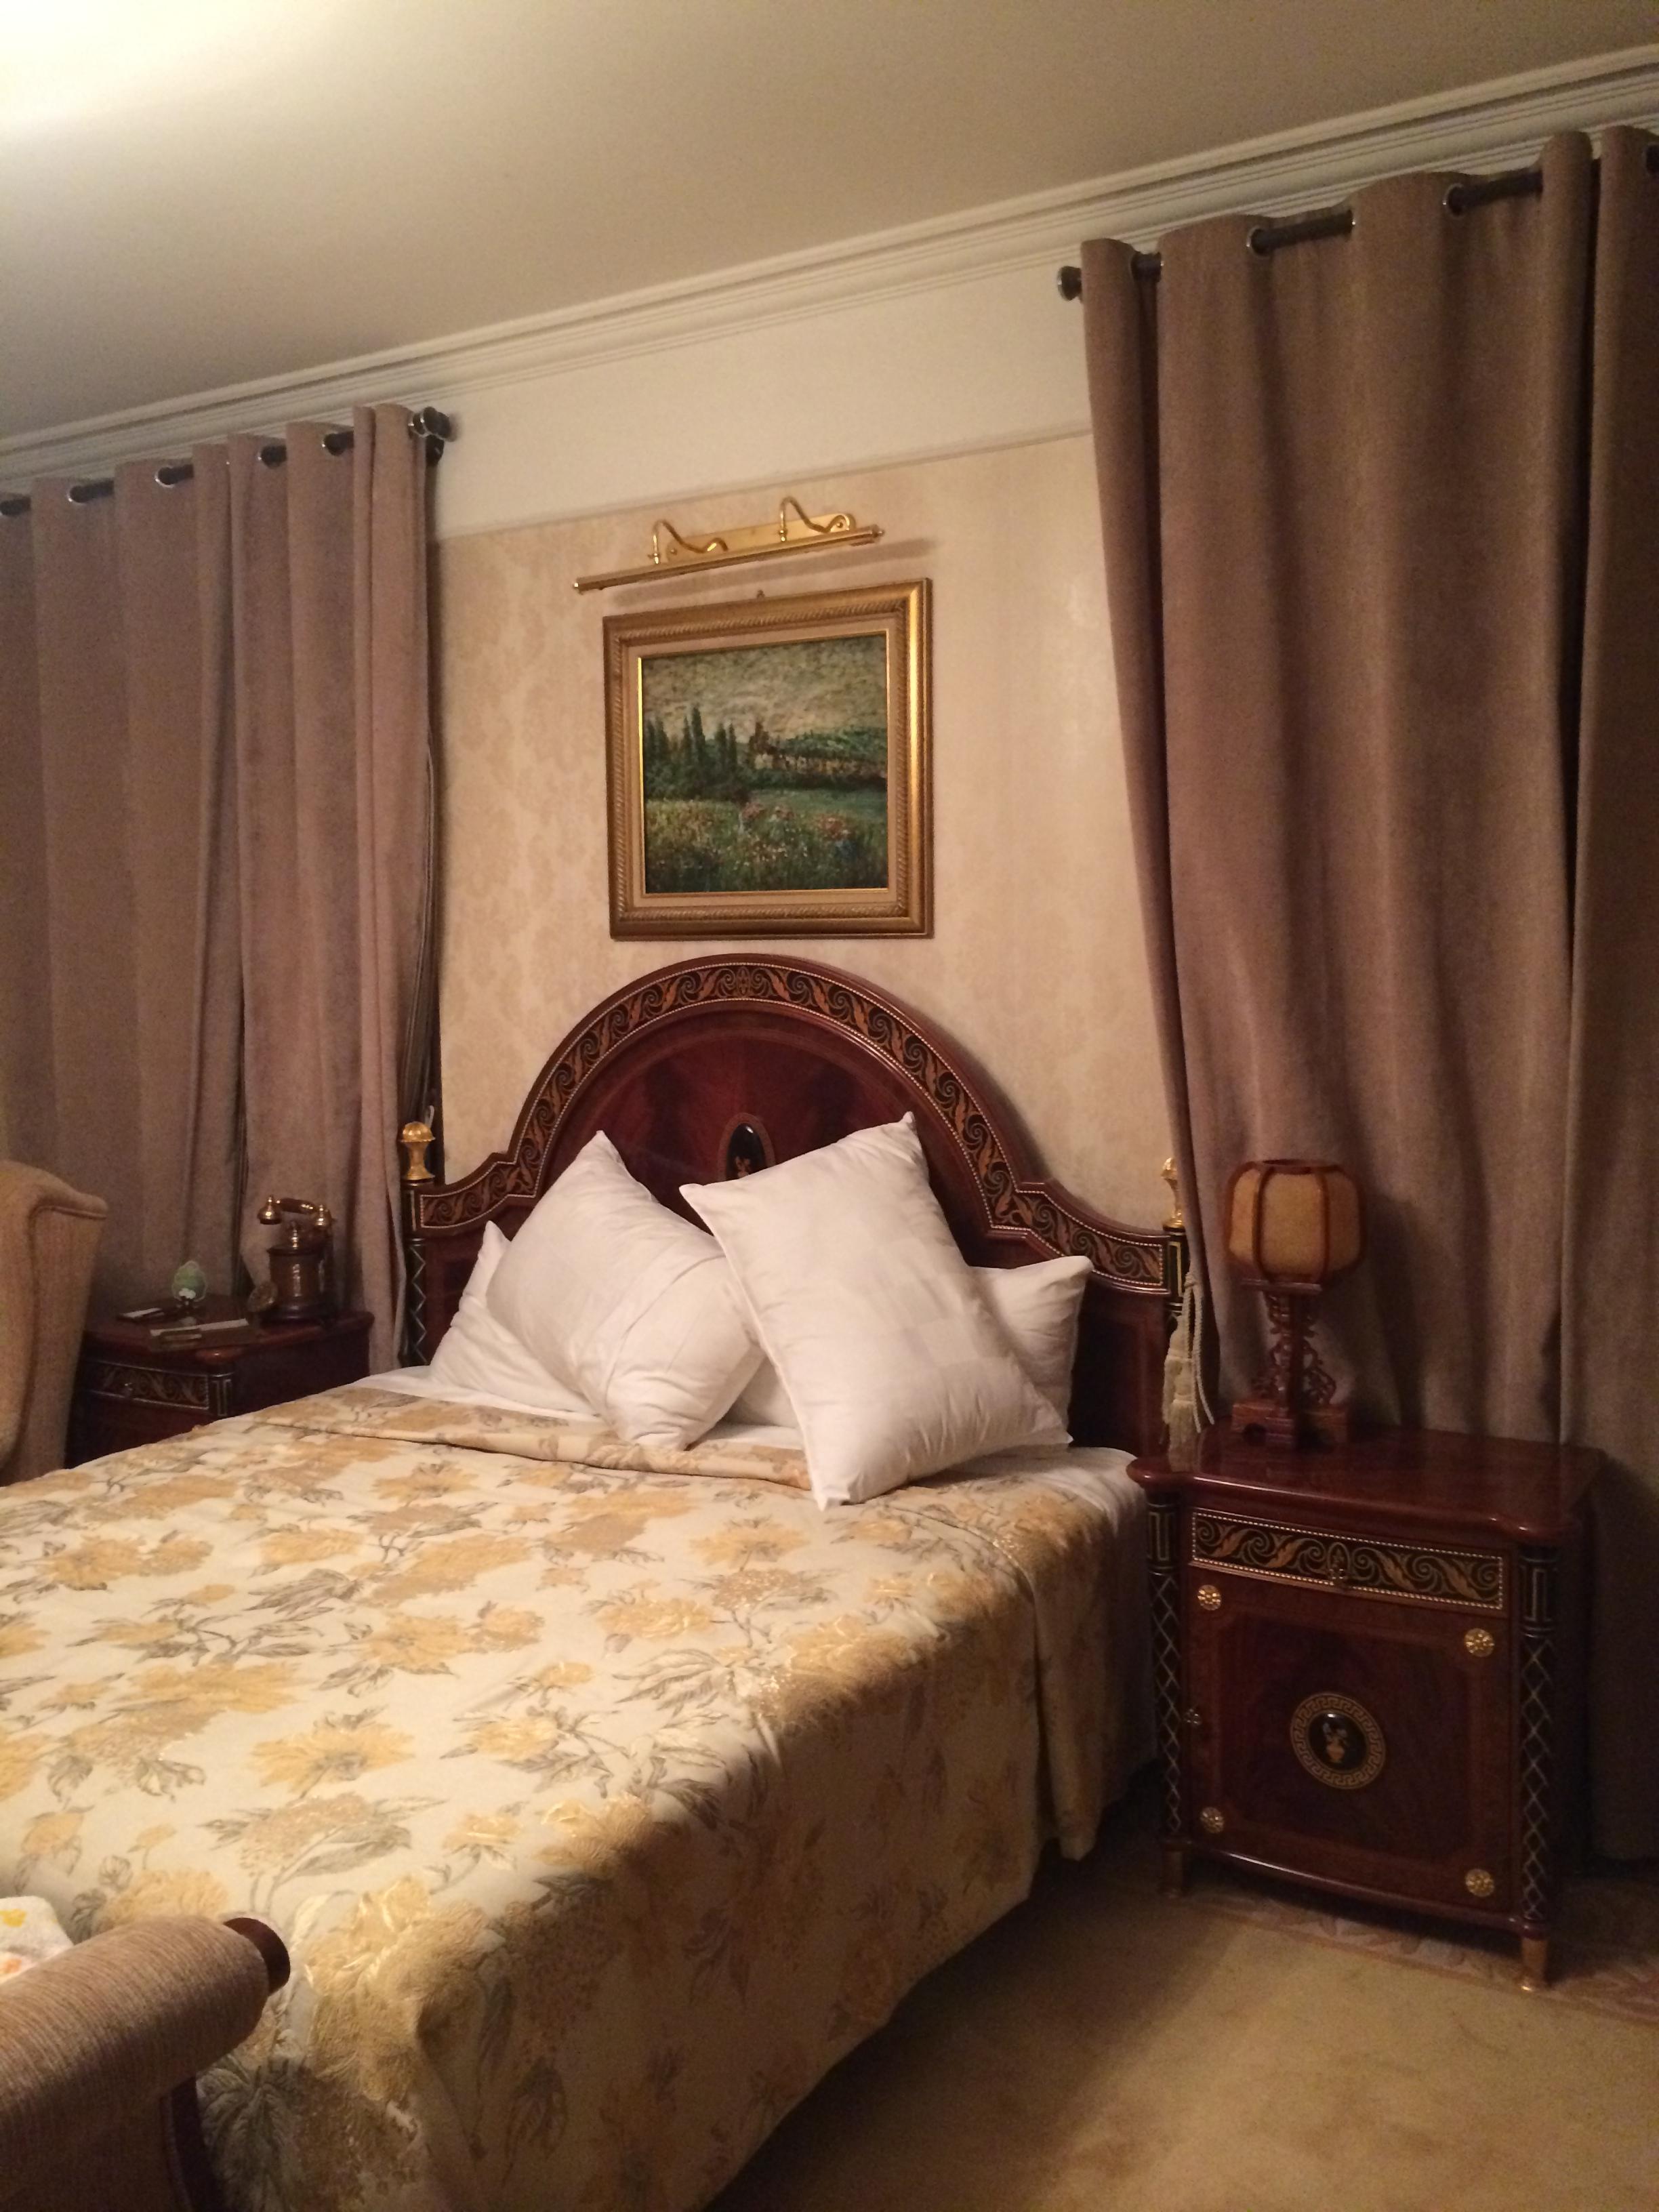 背景墙 房间 家居 酒店 设计 卧室 卧室装修 现代 装修 2448_3264 竖